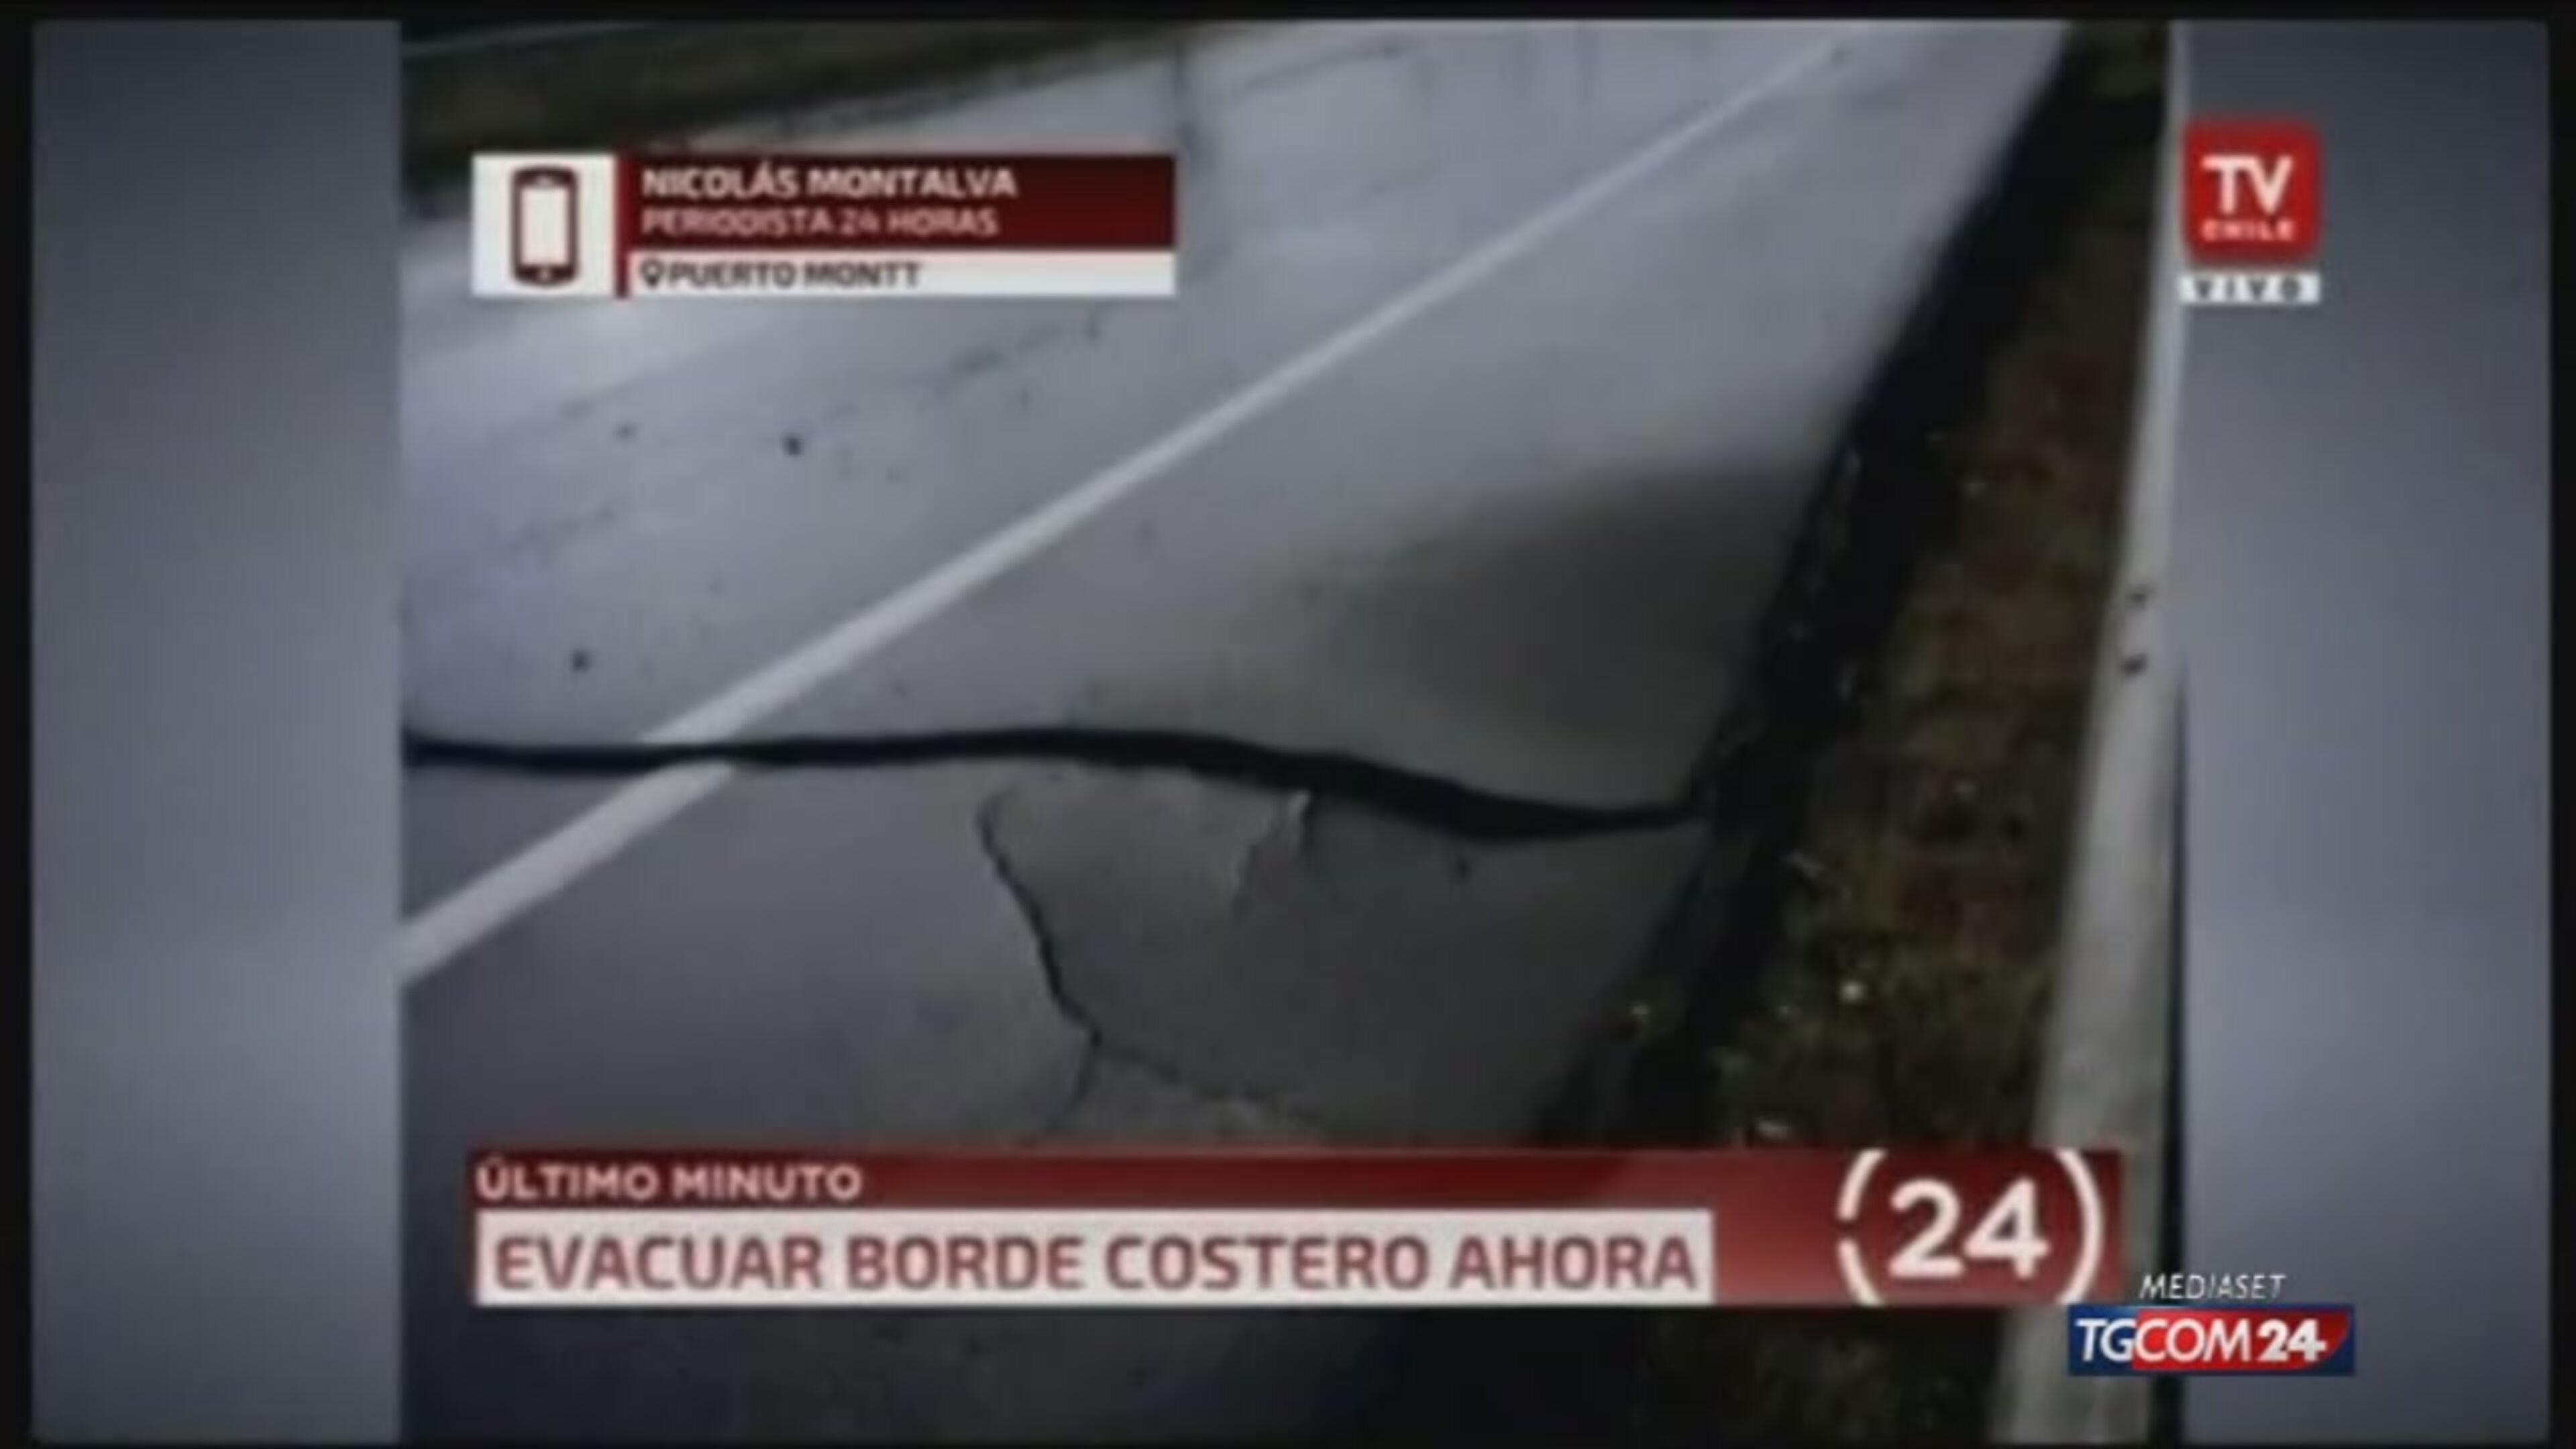 Scossa di terremoto in Cile, rientra allarme tsunami